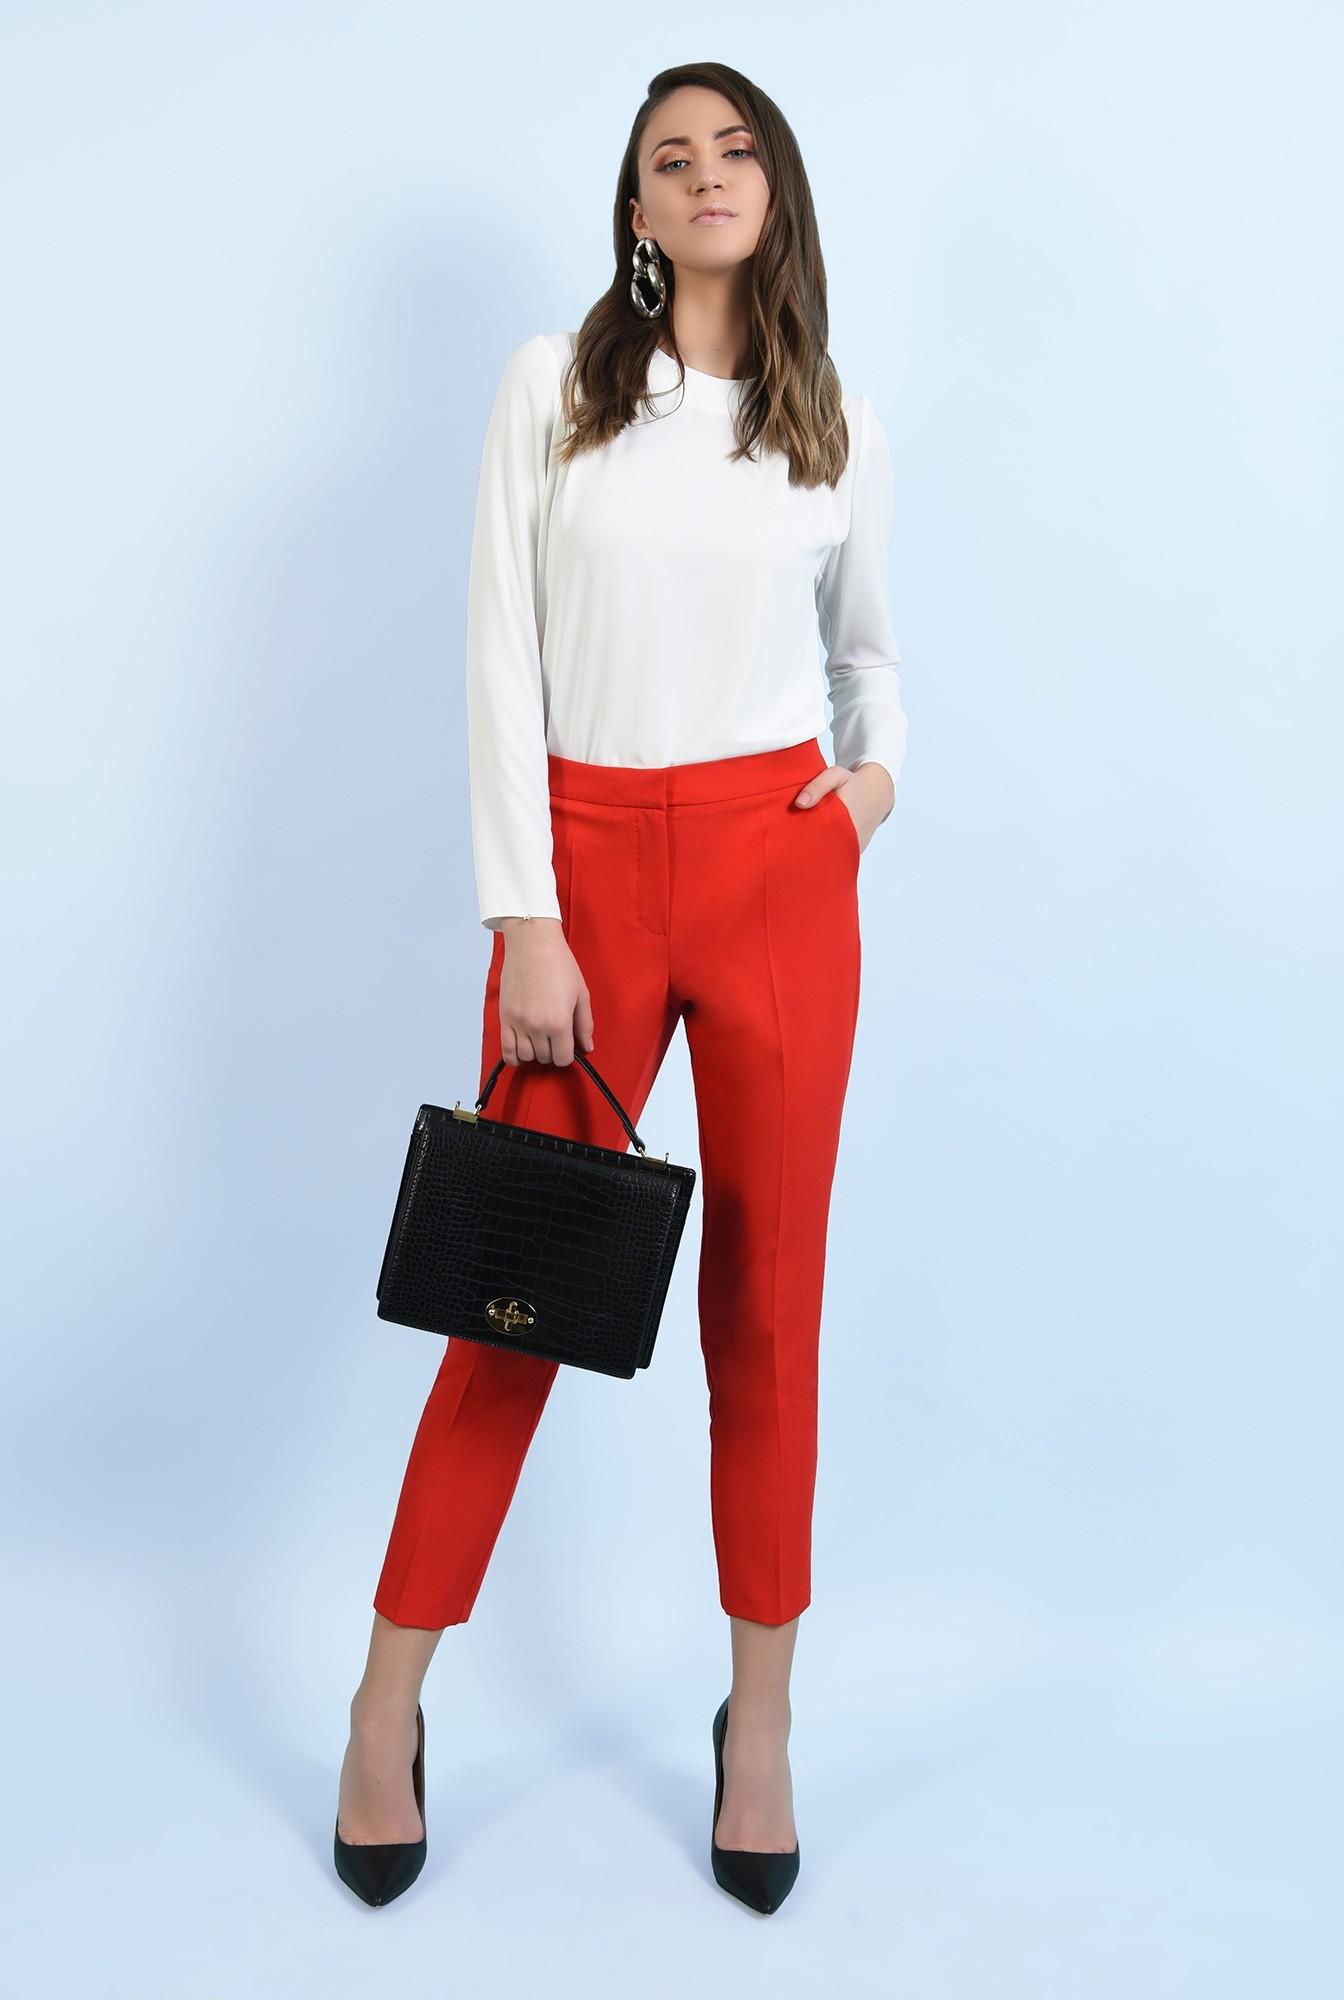 0 - pantaloni office, croi conic, la dunga, talie medie, cu buzunare, rosu